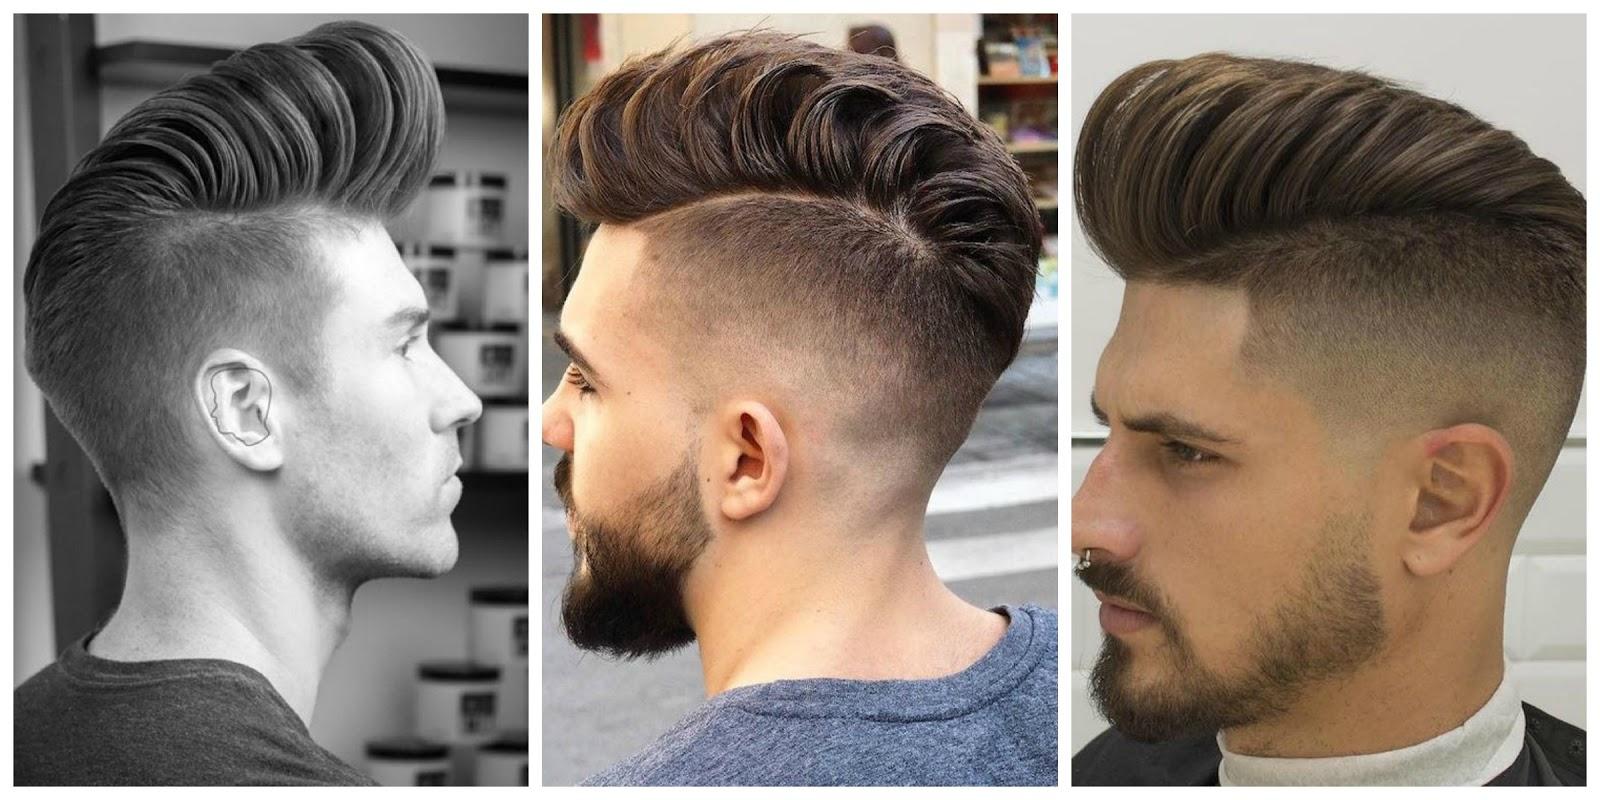 lo mejor en cortes y peinados para hombre haircuts and hairstyles